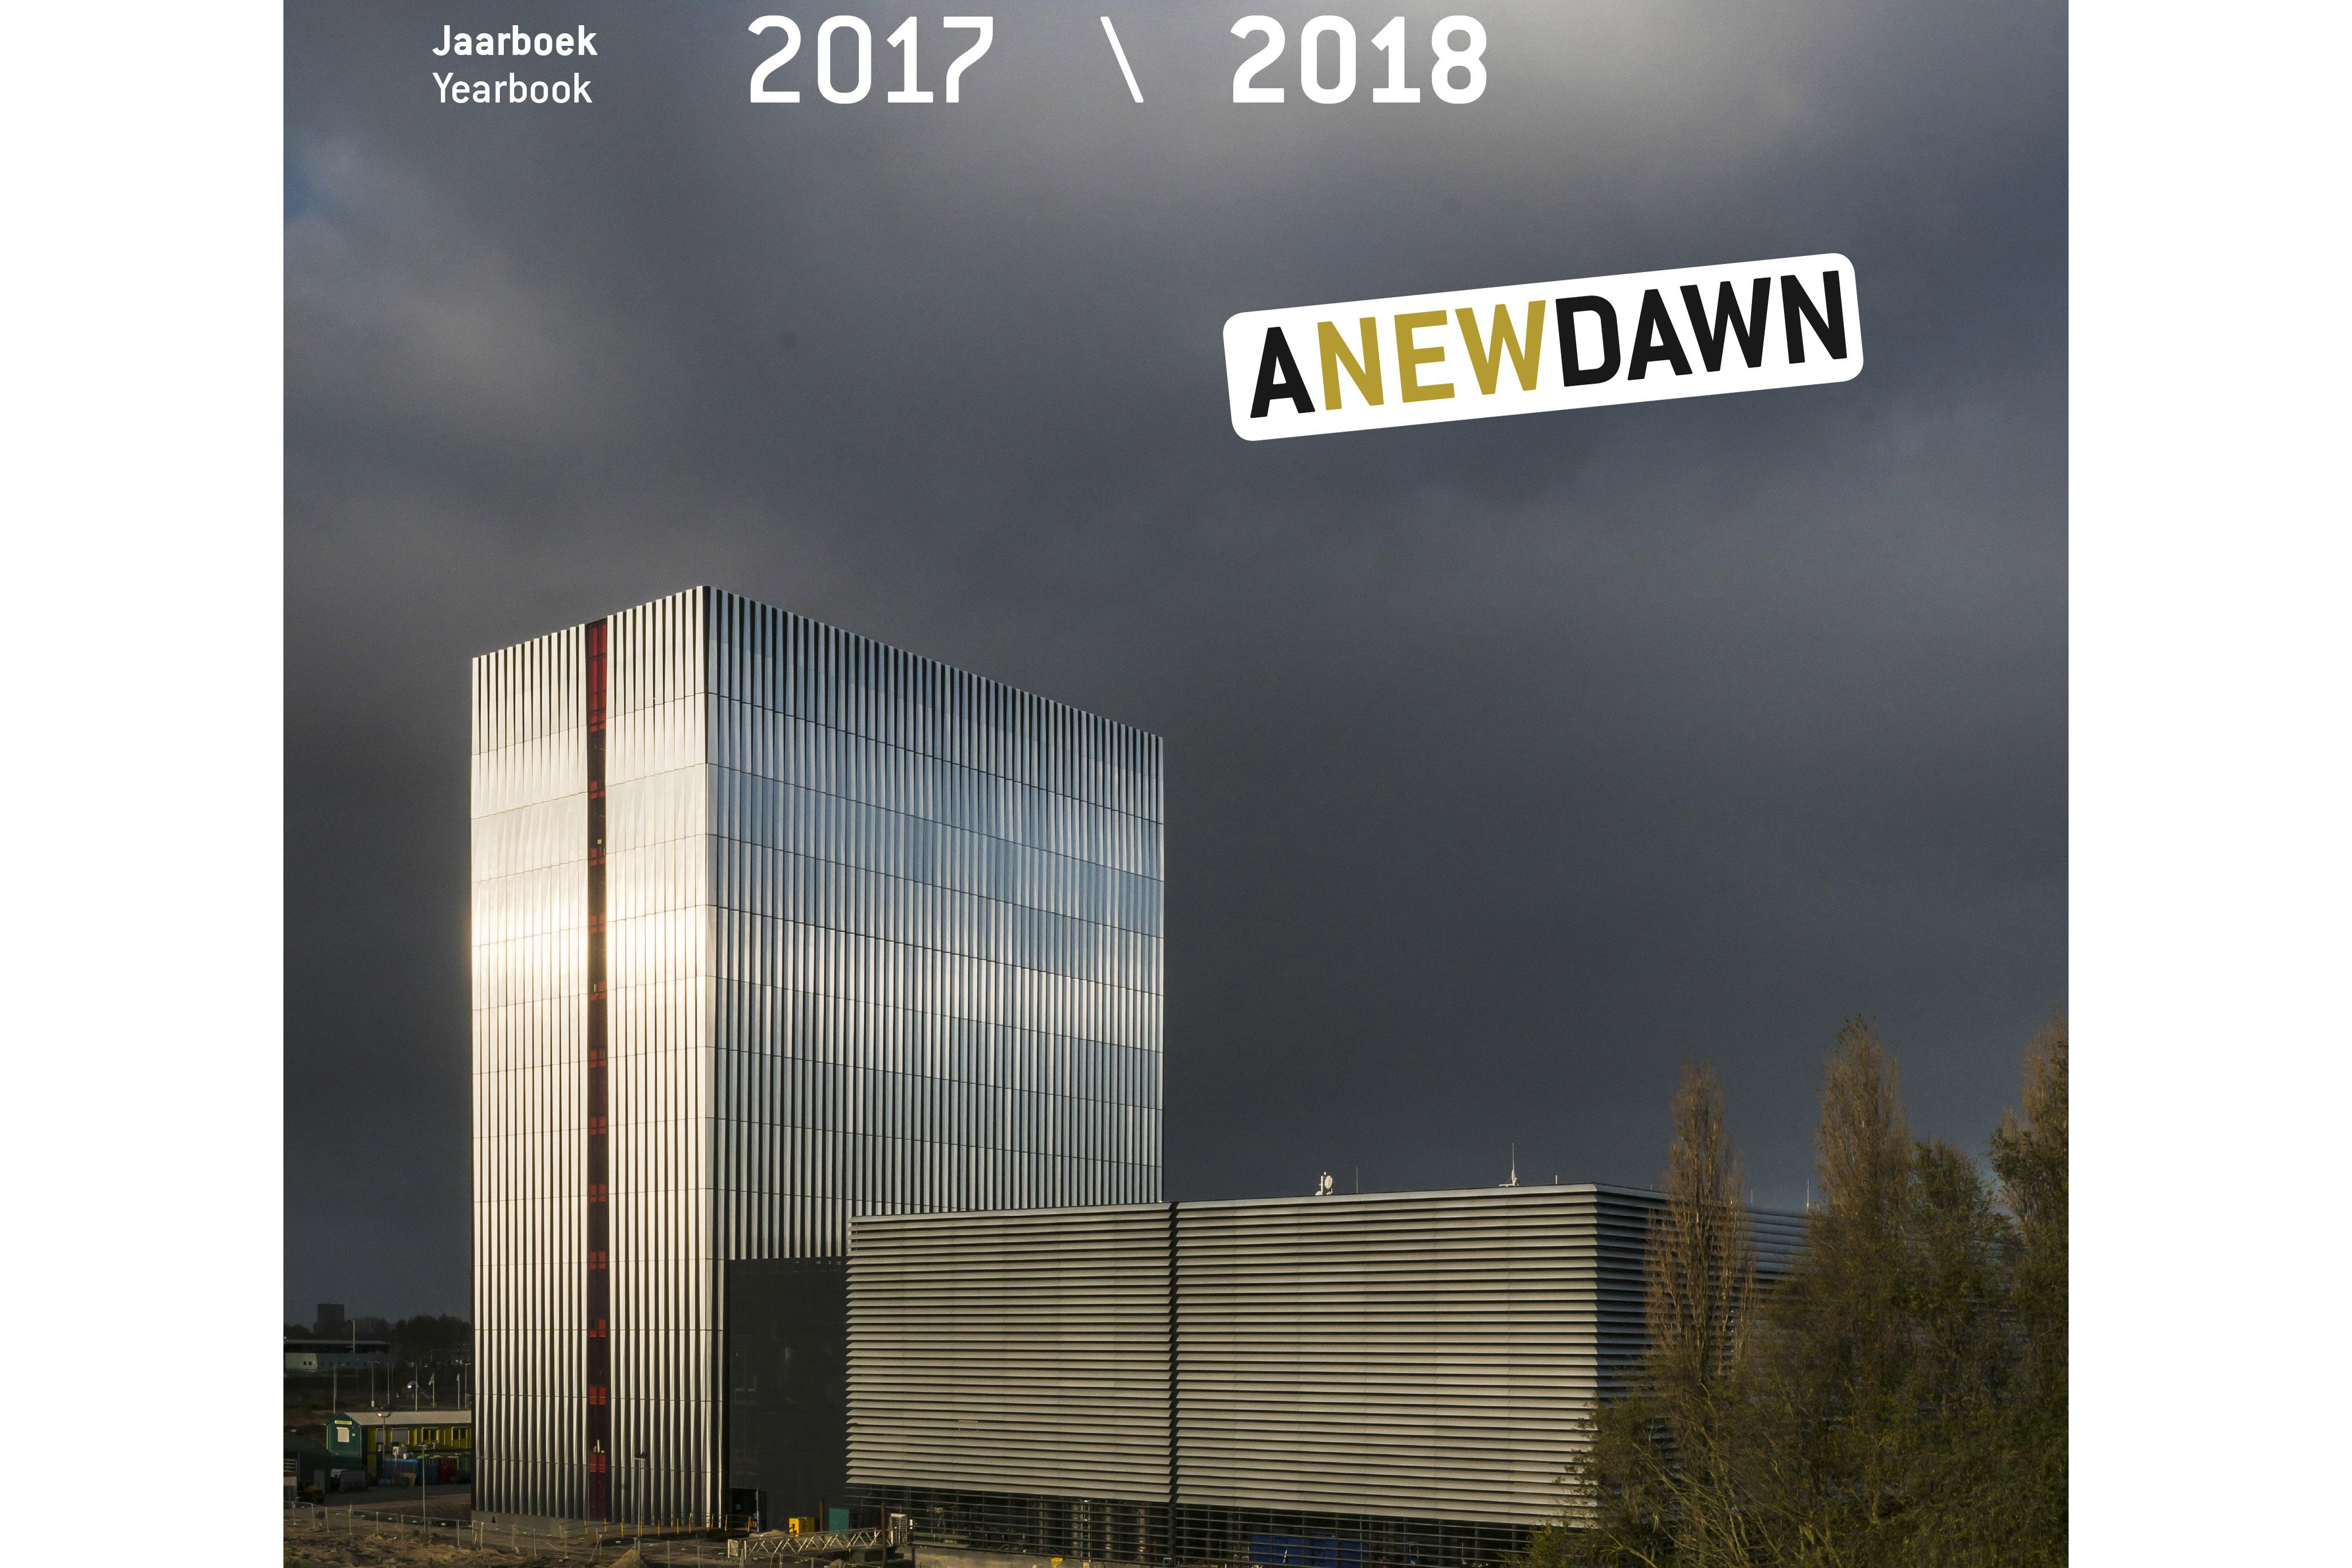 architectuurjaarboekweb.jpg